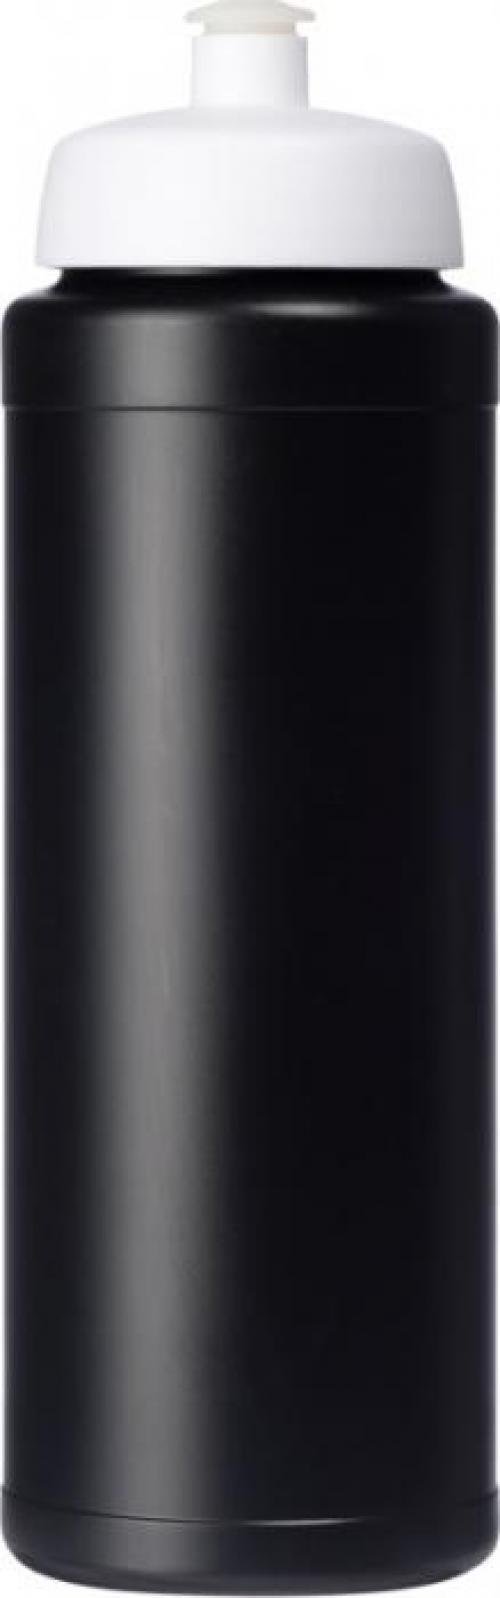 Bidón deportivo con tapa de 750ml Baseline® plus